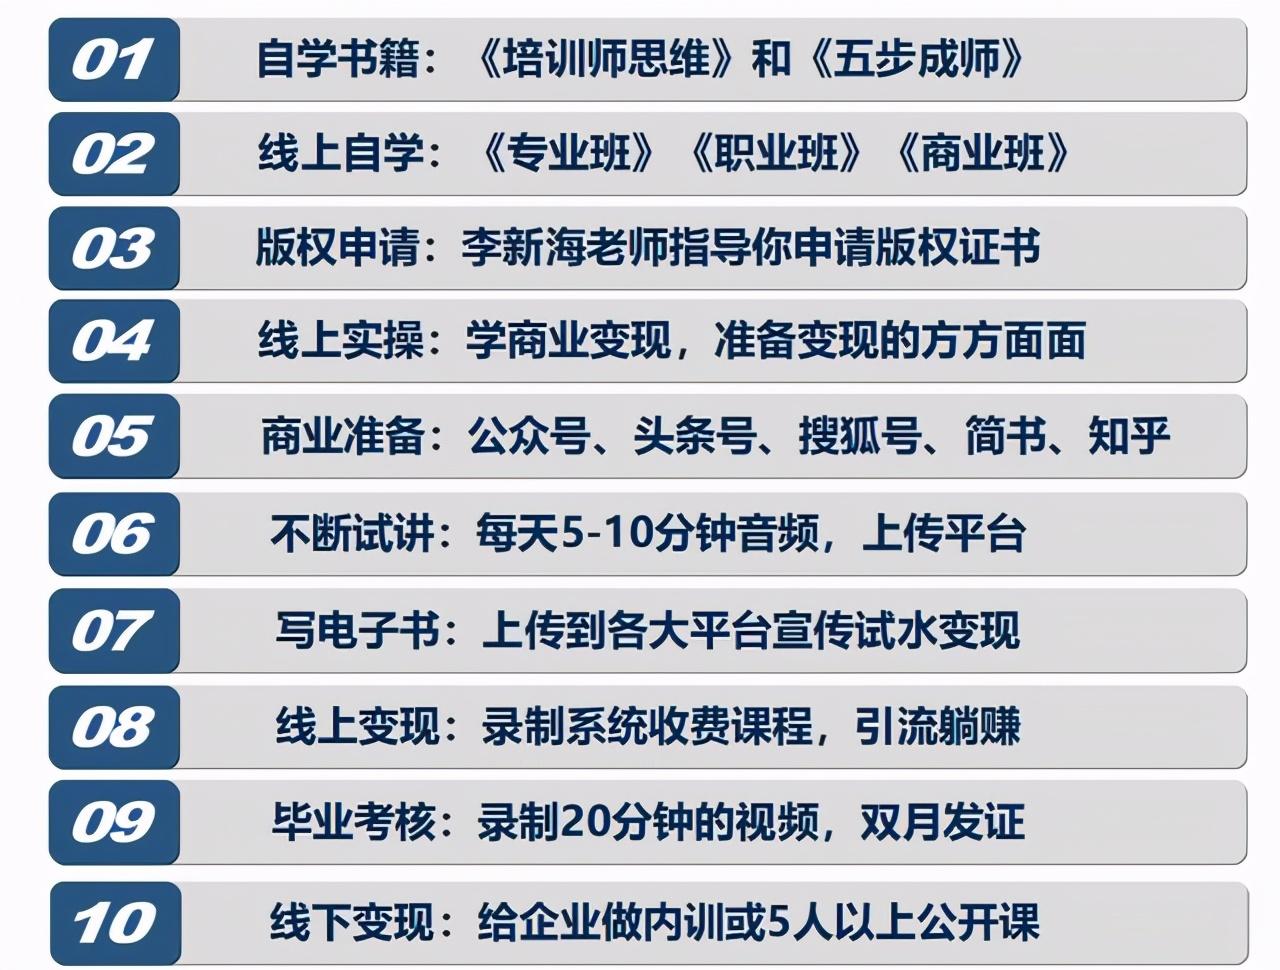 五步成师学院原创出品:转型<a href=http://www.jiangshi360.com target=_blank class=infotextkey>培训</a>师,百日出师交付训练营